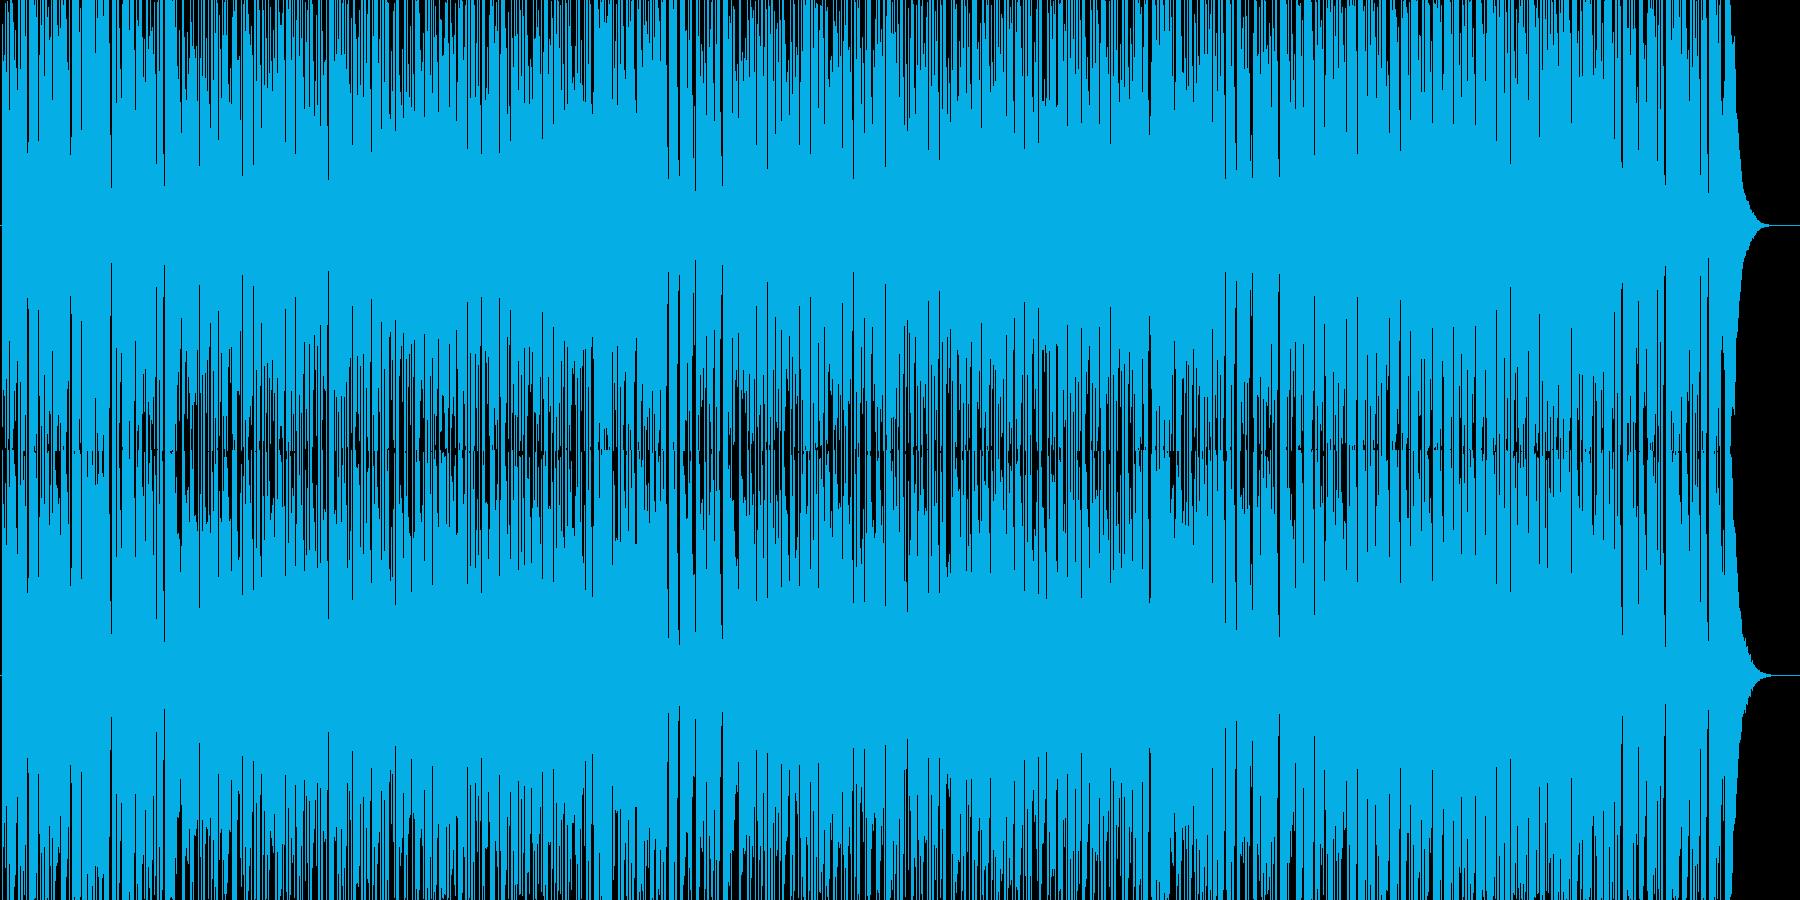 ボサノバ調で、爽やかな感じの曲です。天…の再生済みの波形